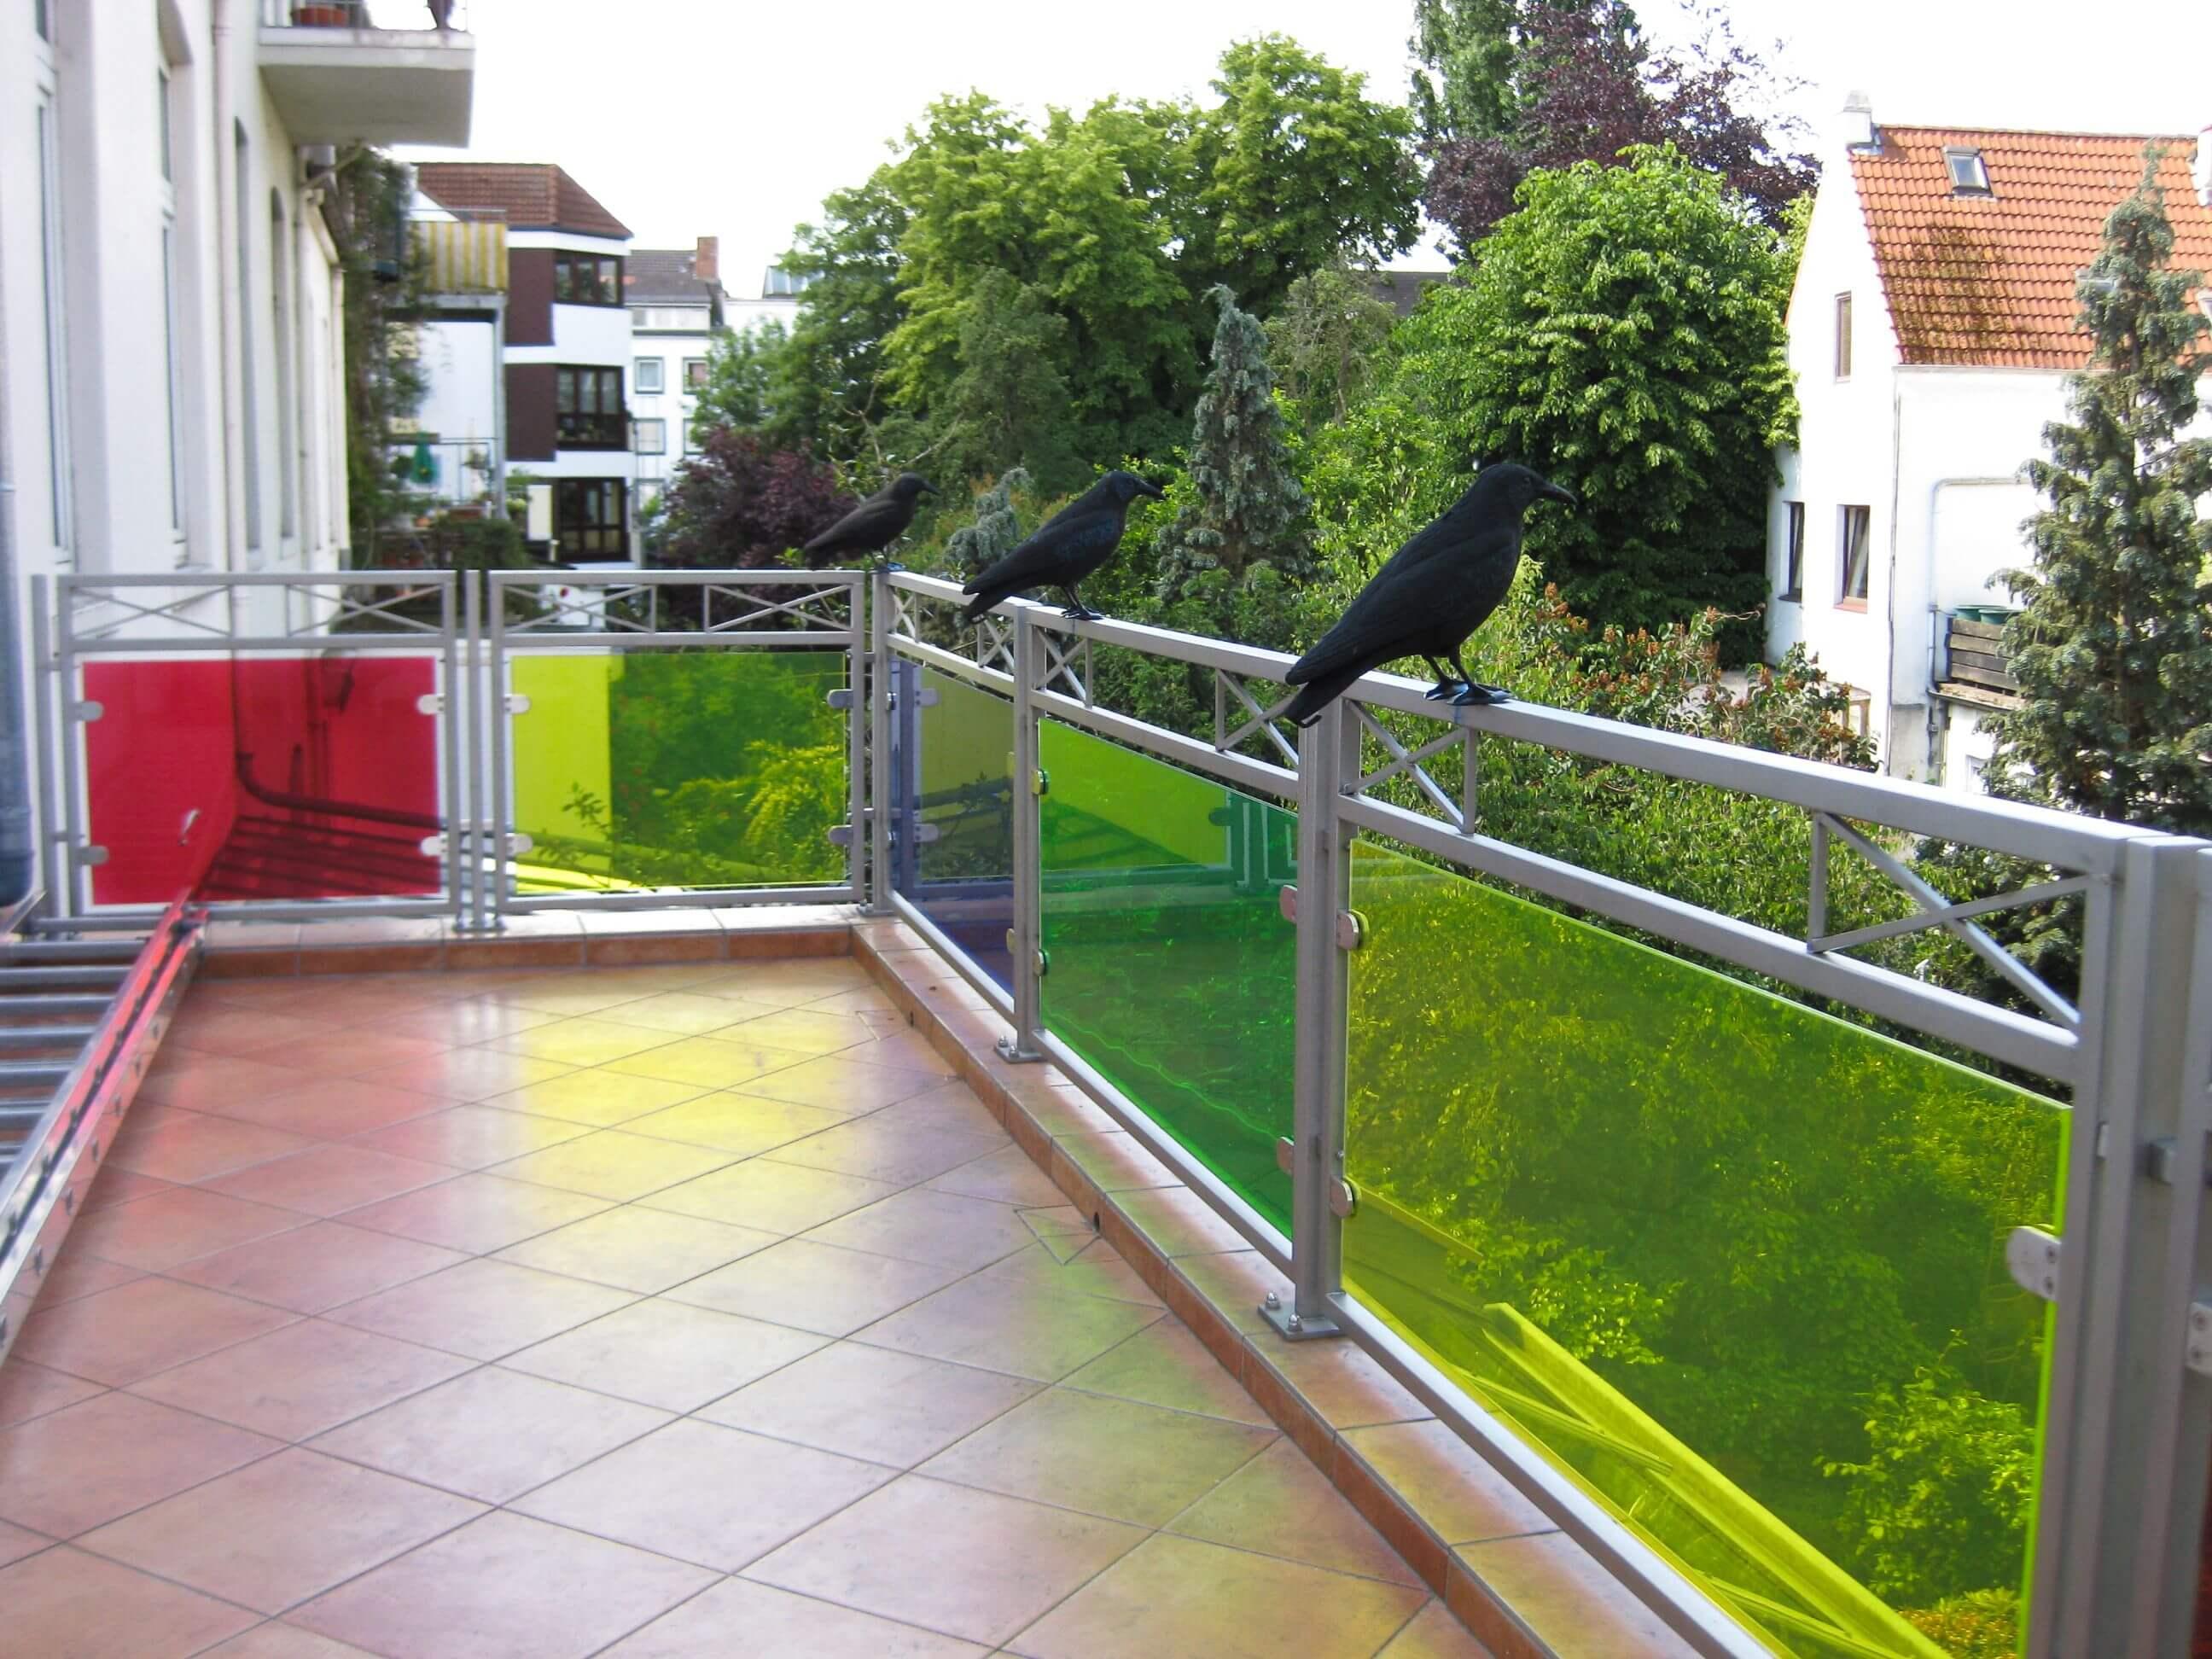 Farbiges Balkongeländer mit Glas